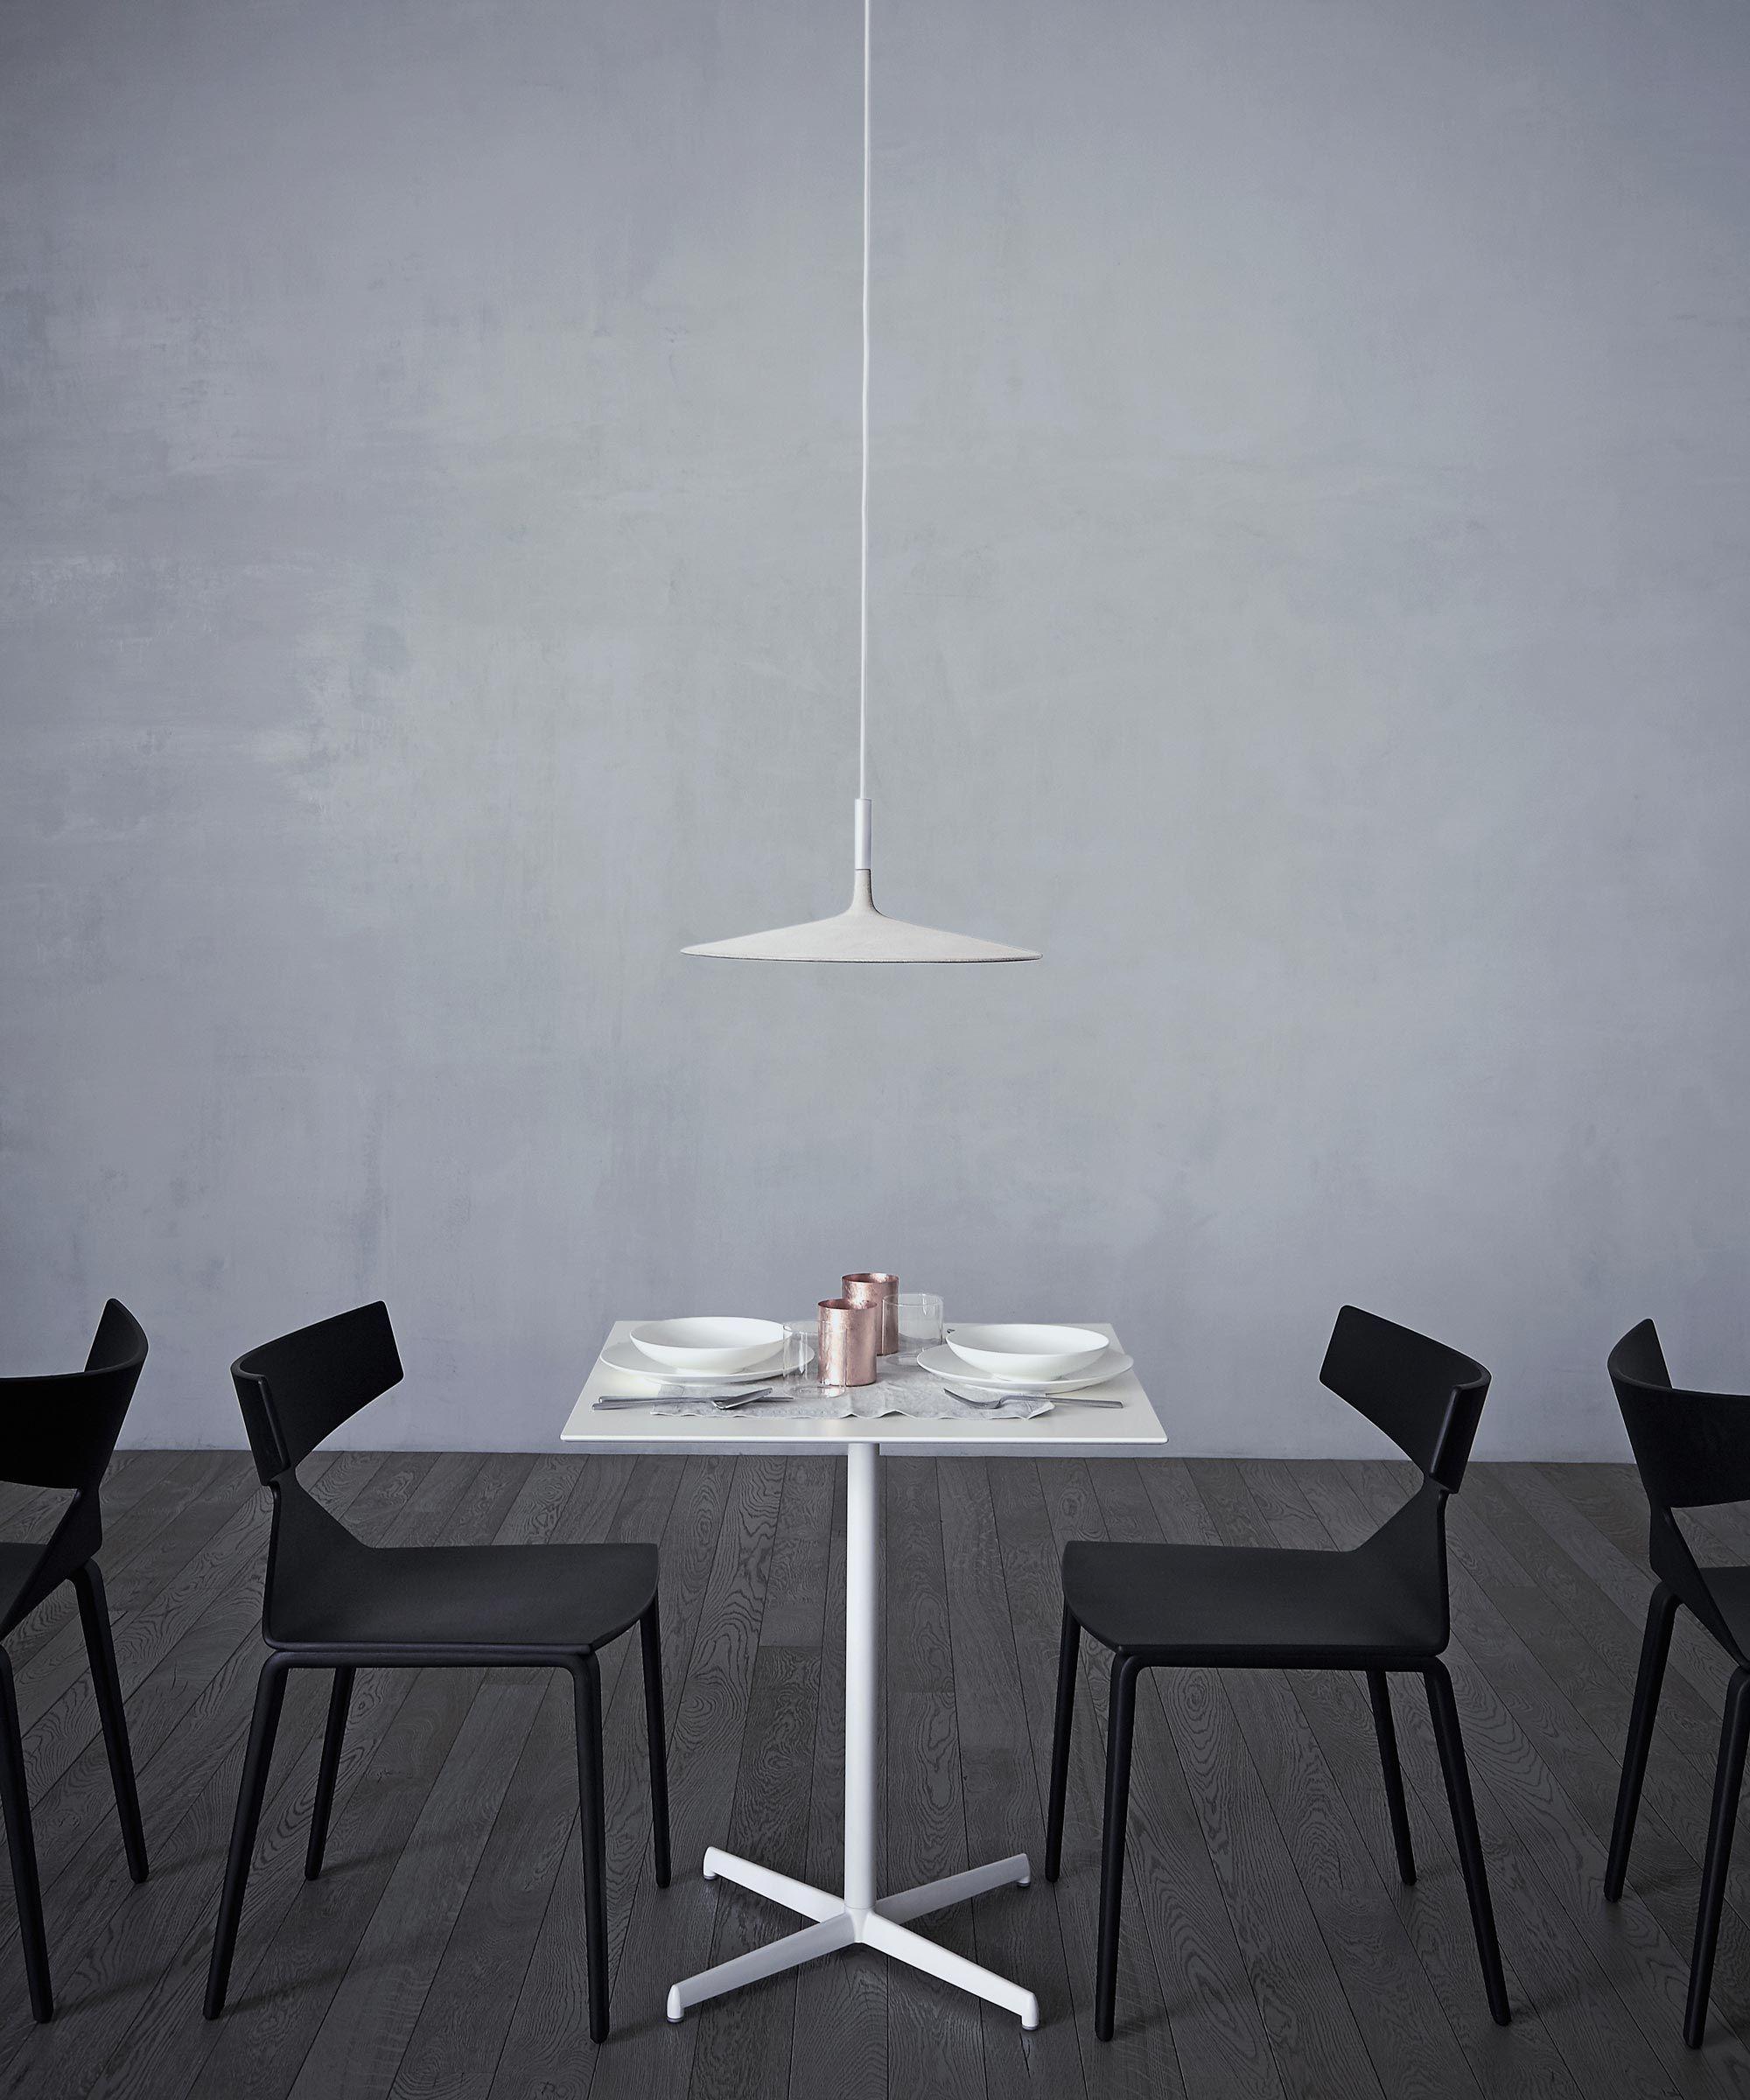 Raum mit lichtern aplomb large  beton pendelleuchte italienisch design  foscarini